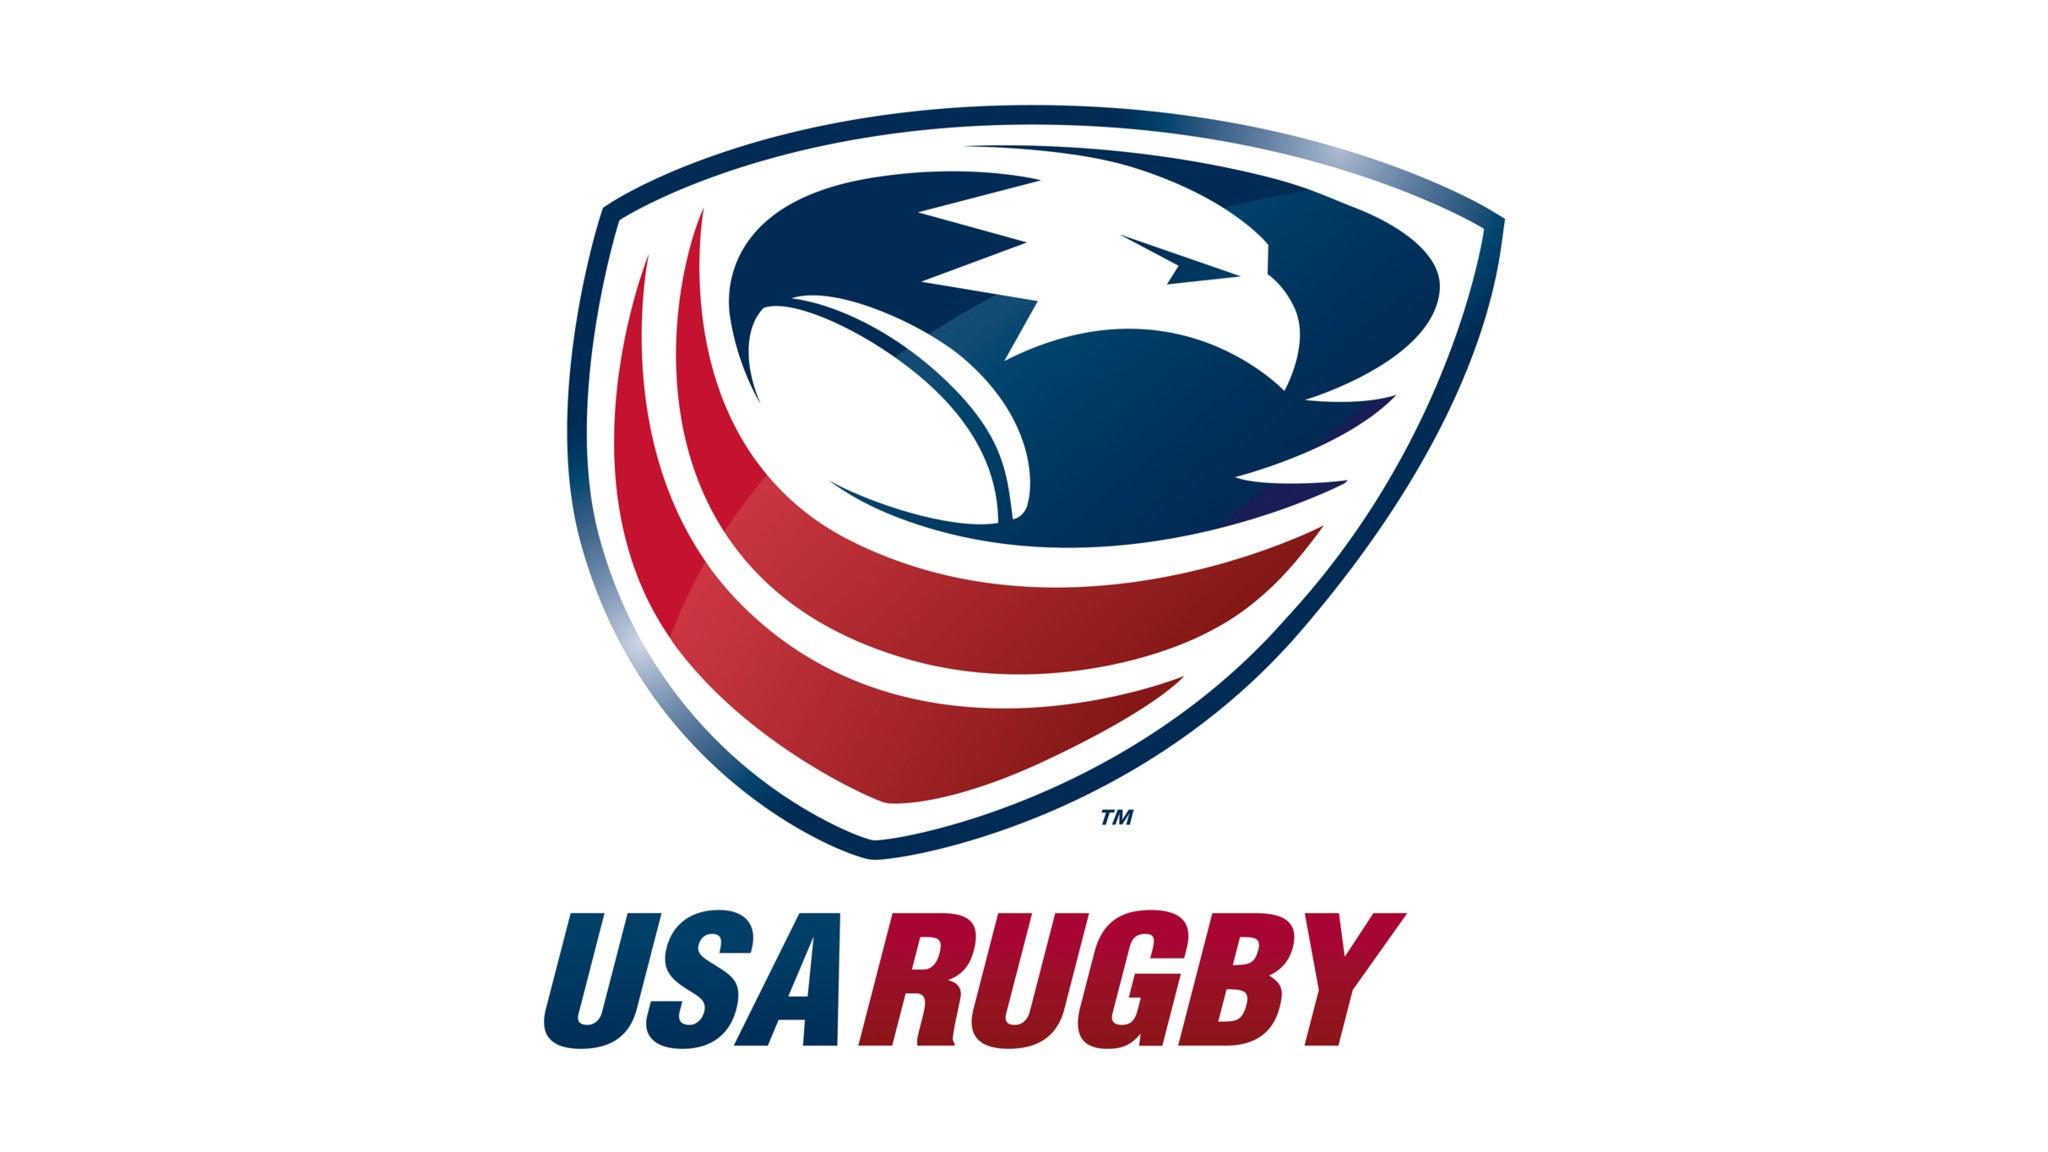 2018 Americas Rugby Championship: USA v. Canada - Sacramento, CA 95815